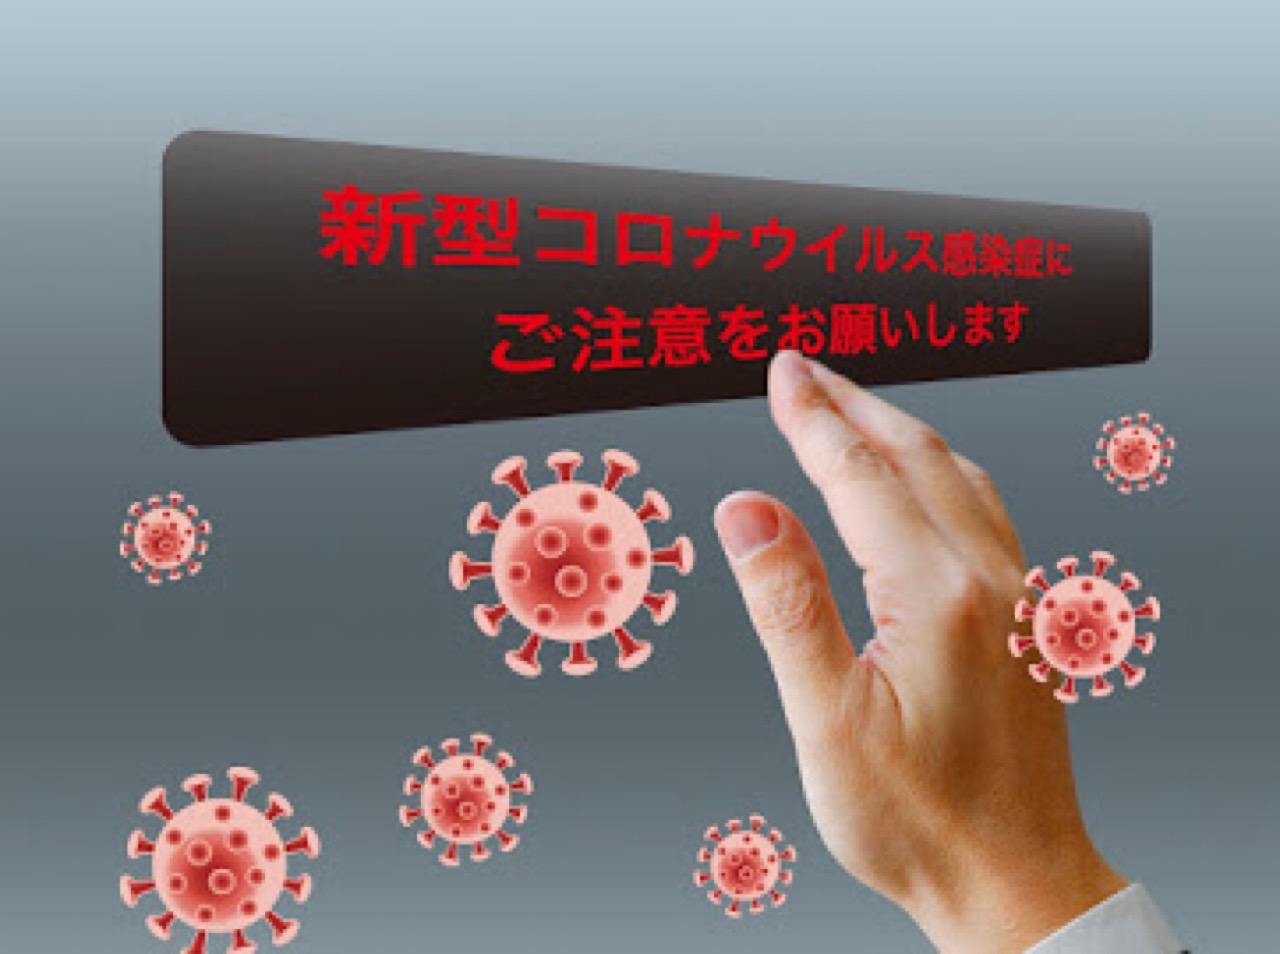 新型コロナウイルスにご注意を